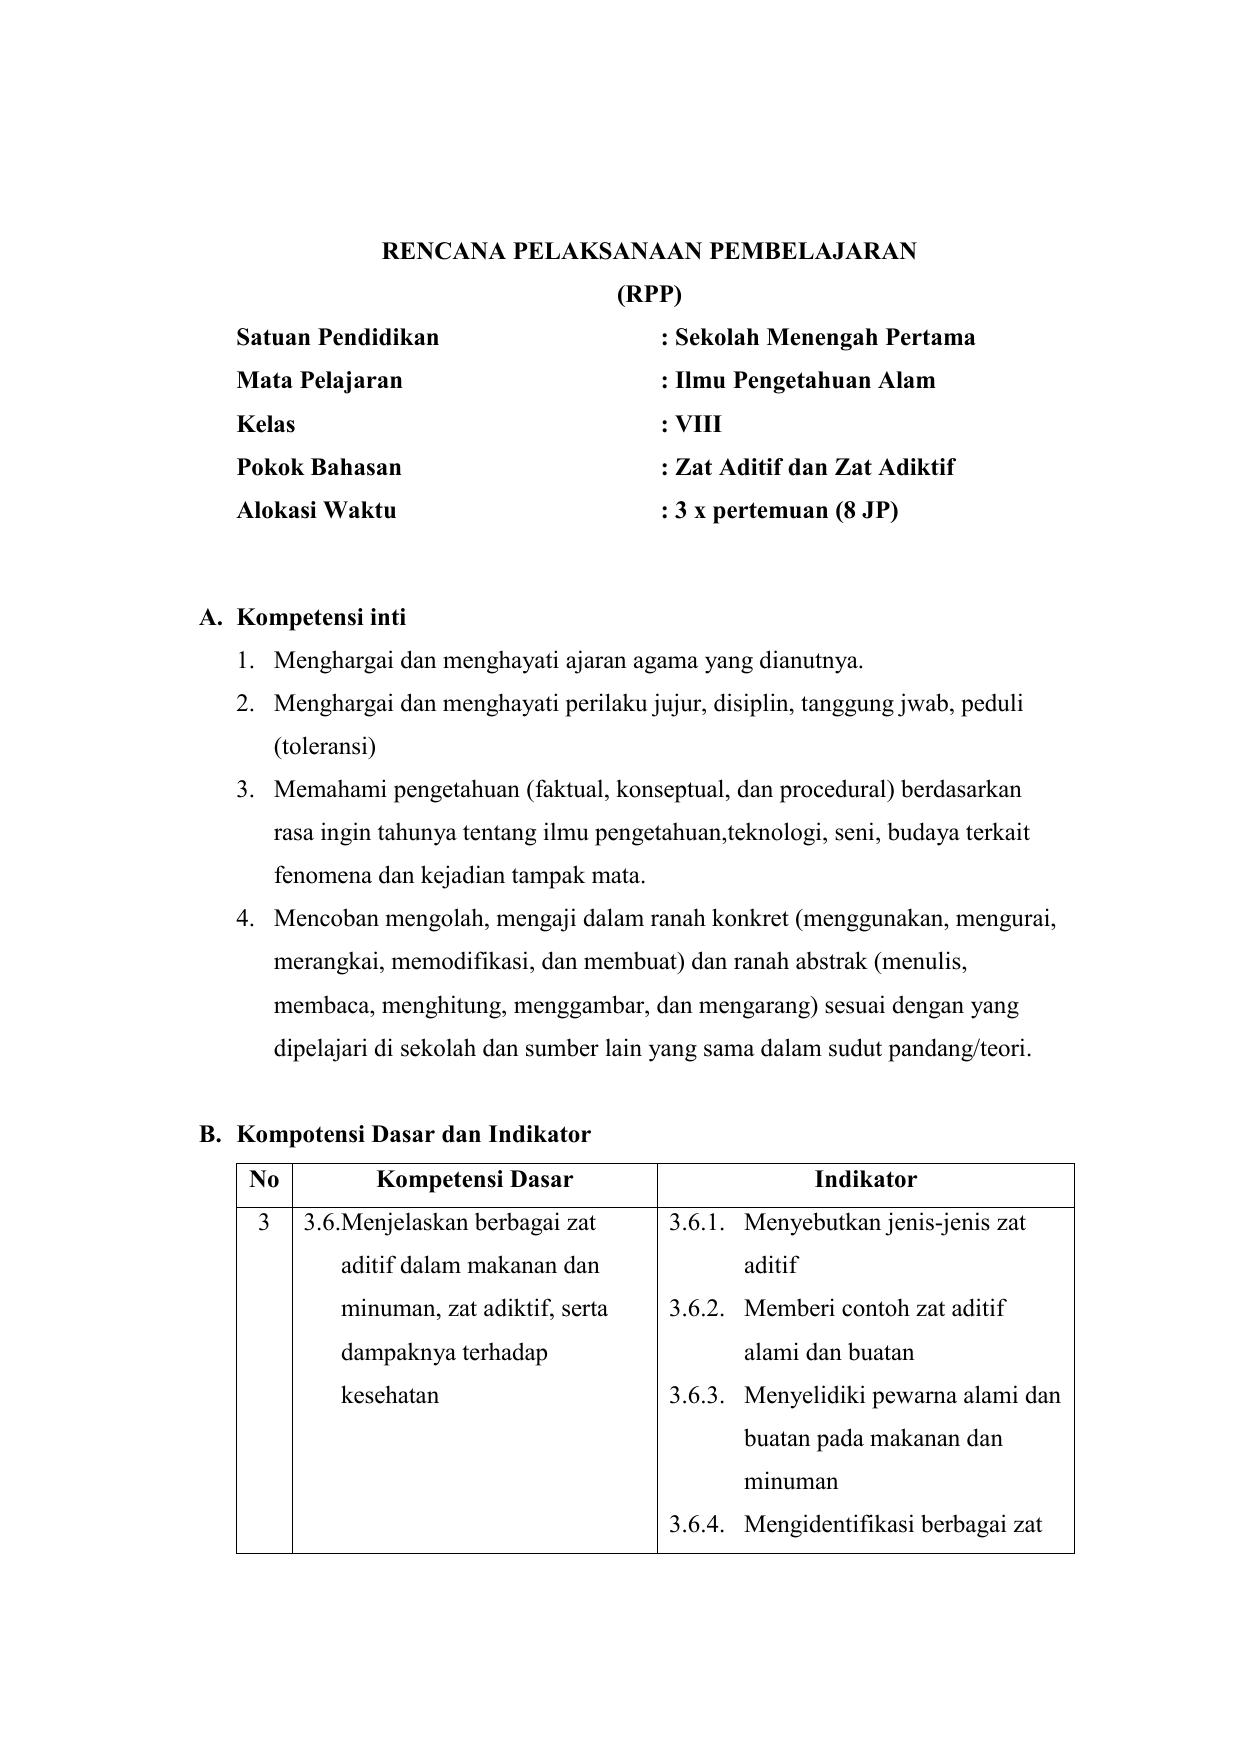 27+ Contoh Soal Zat Aditif Dan Adiktif - Kumpulan Contoh Soal